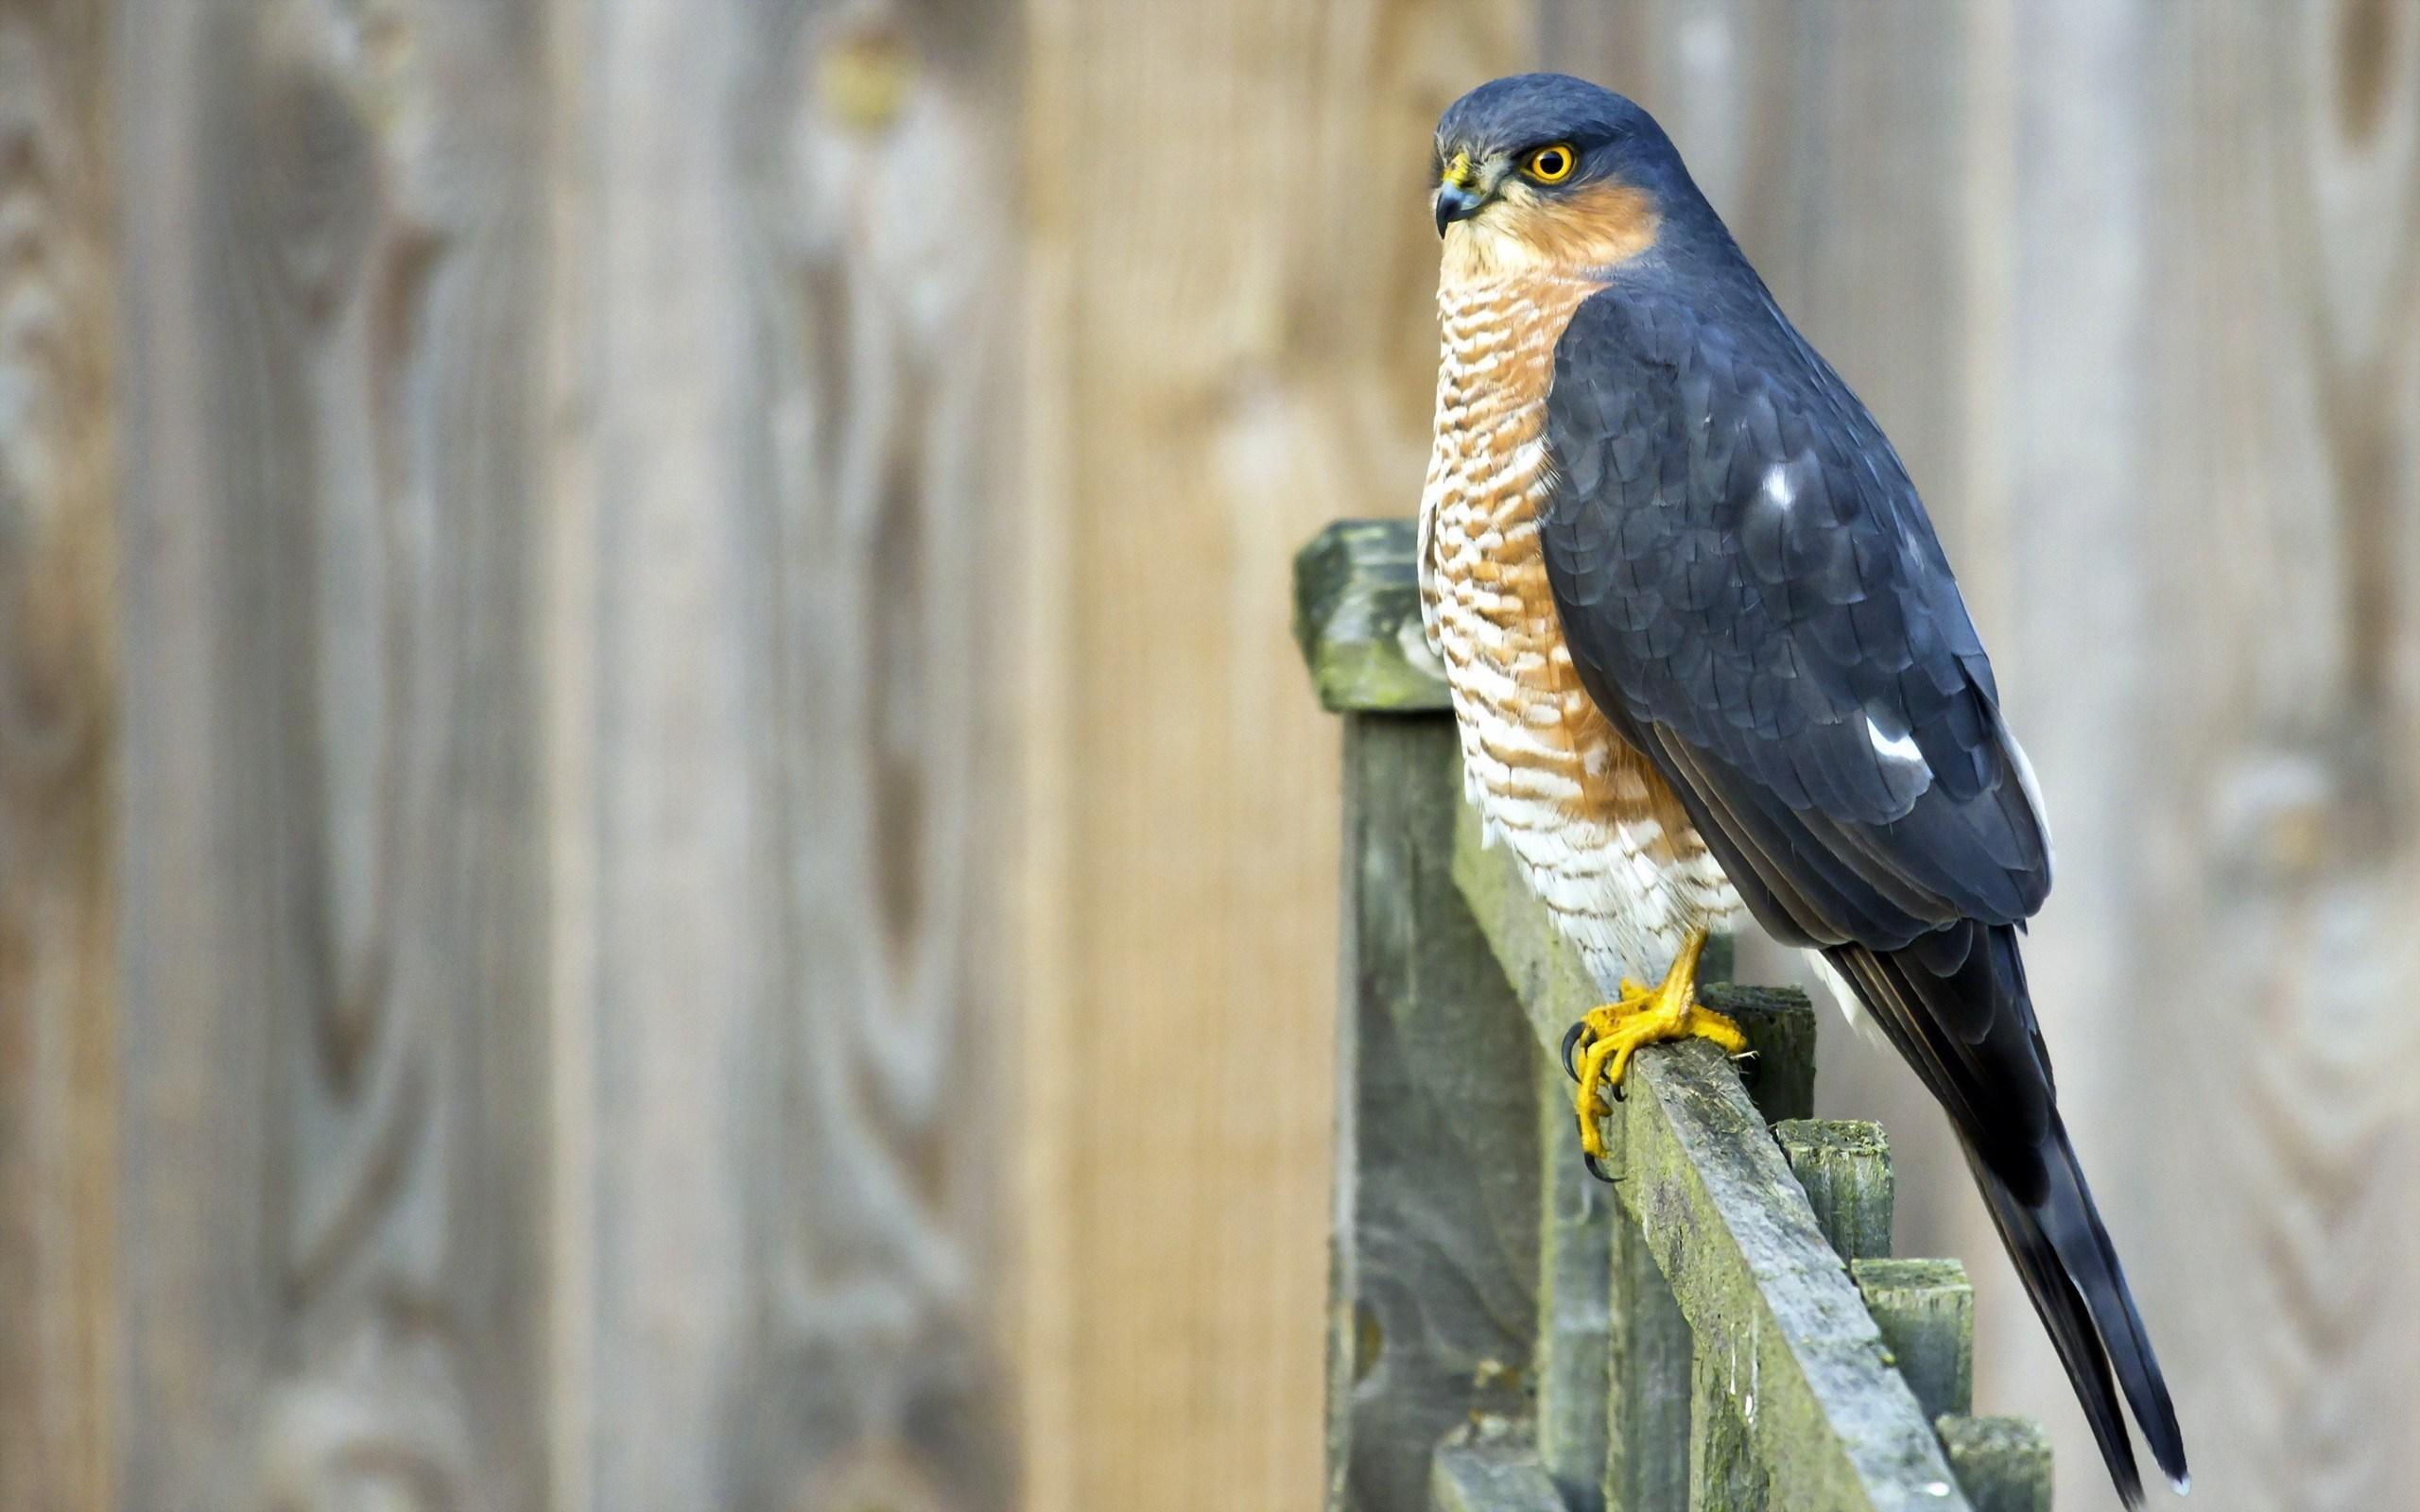 Fence Bird Sparrowhawk